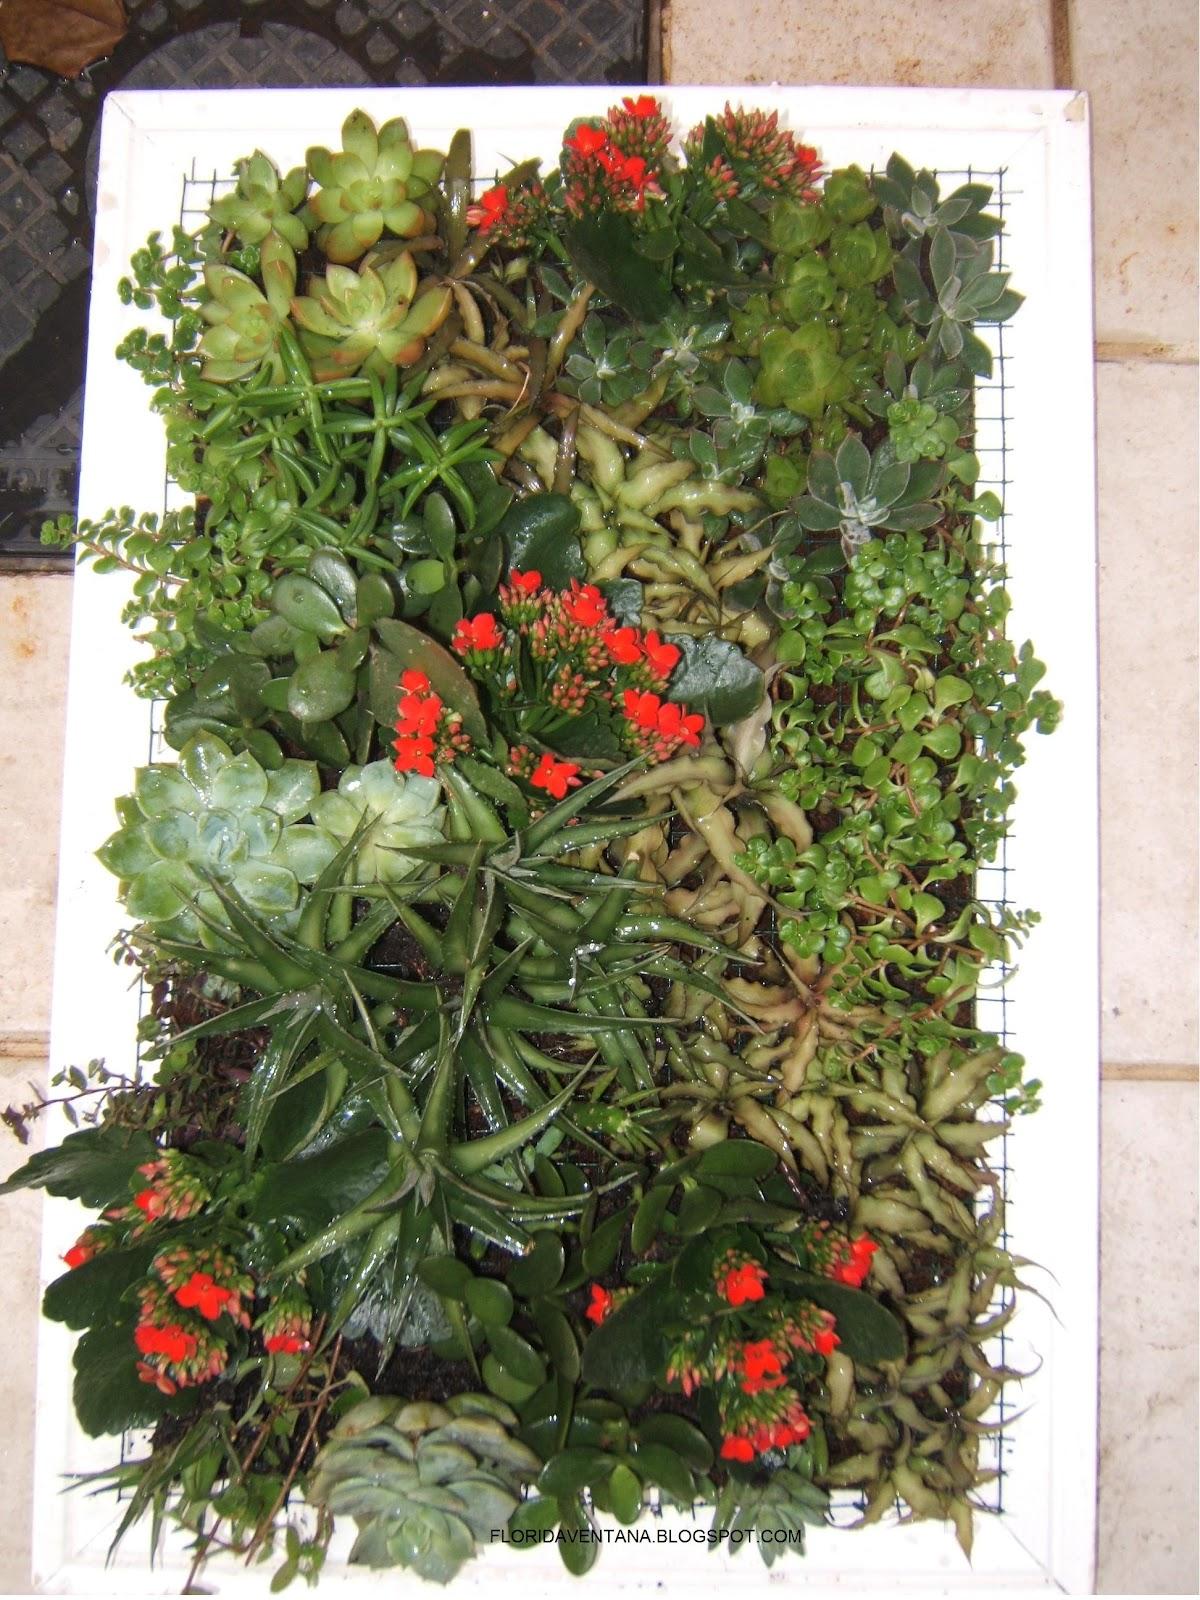 Florida Ventana Jardim Vertical  como fazer um quadro de suculentas